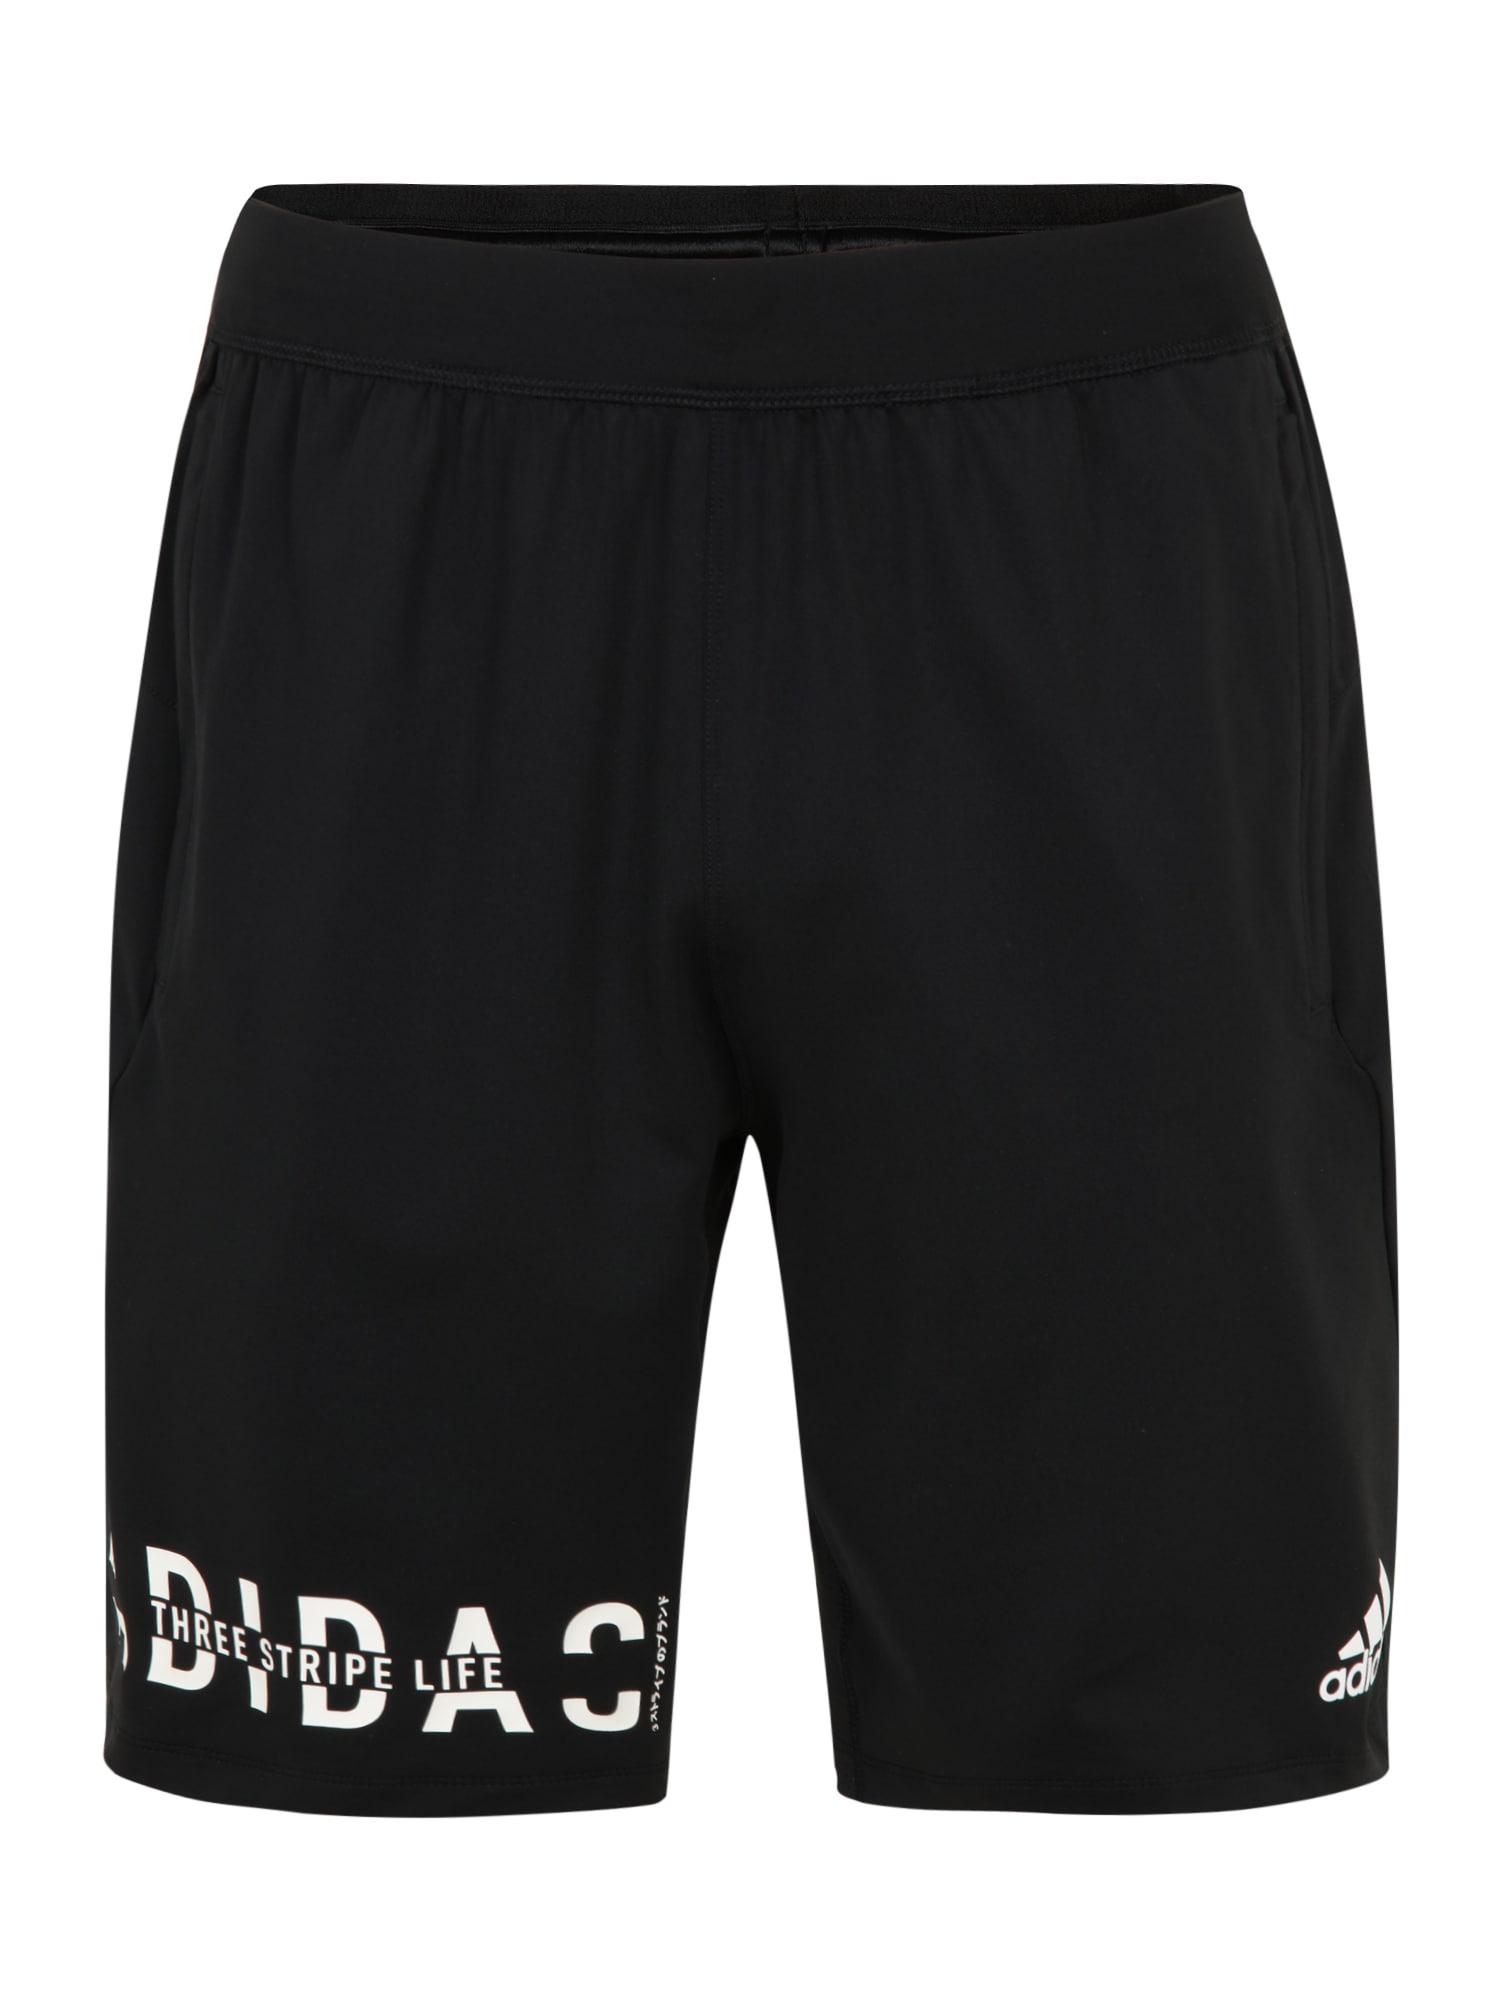 ADIDAS PERFORMANCE Sportinės kelnės '4K HYPER' juoda / balta